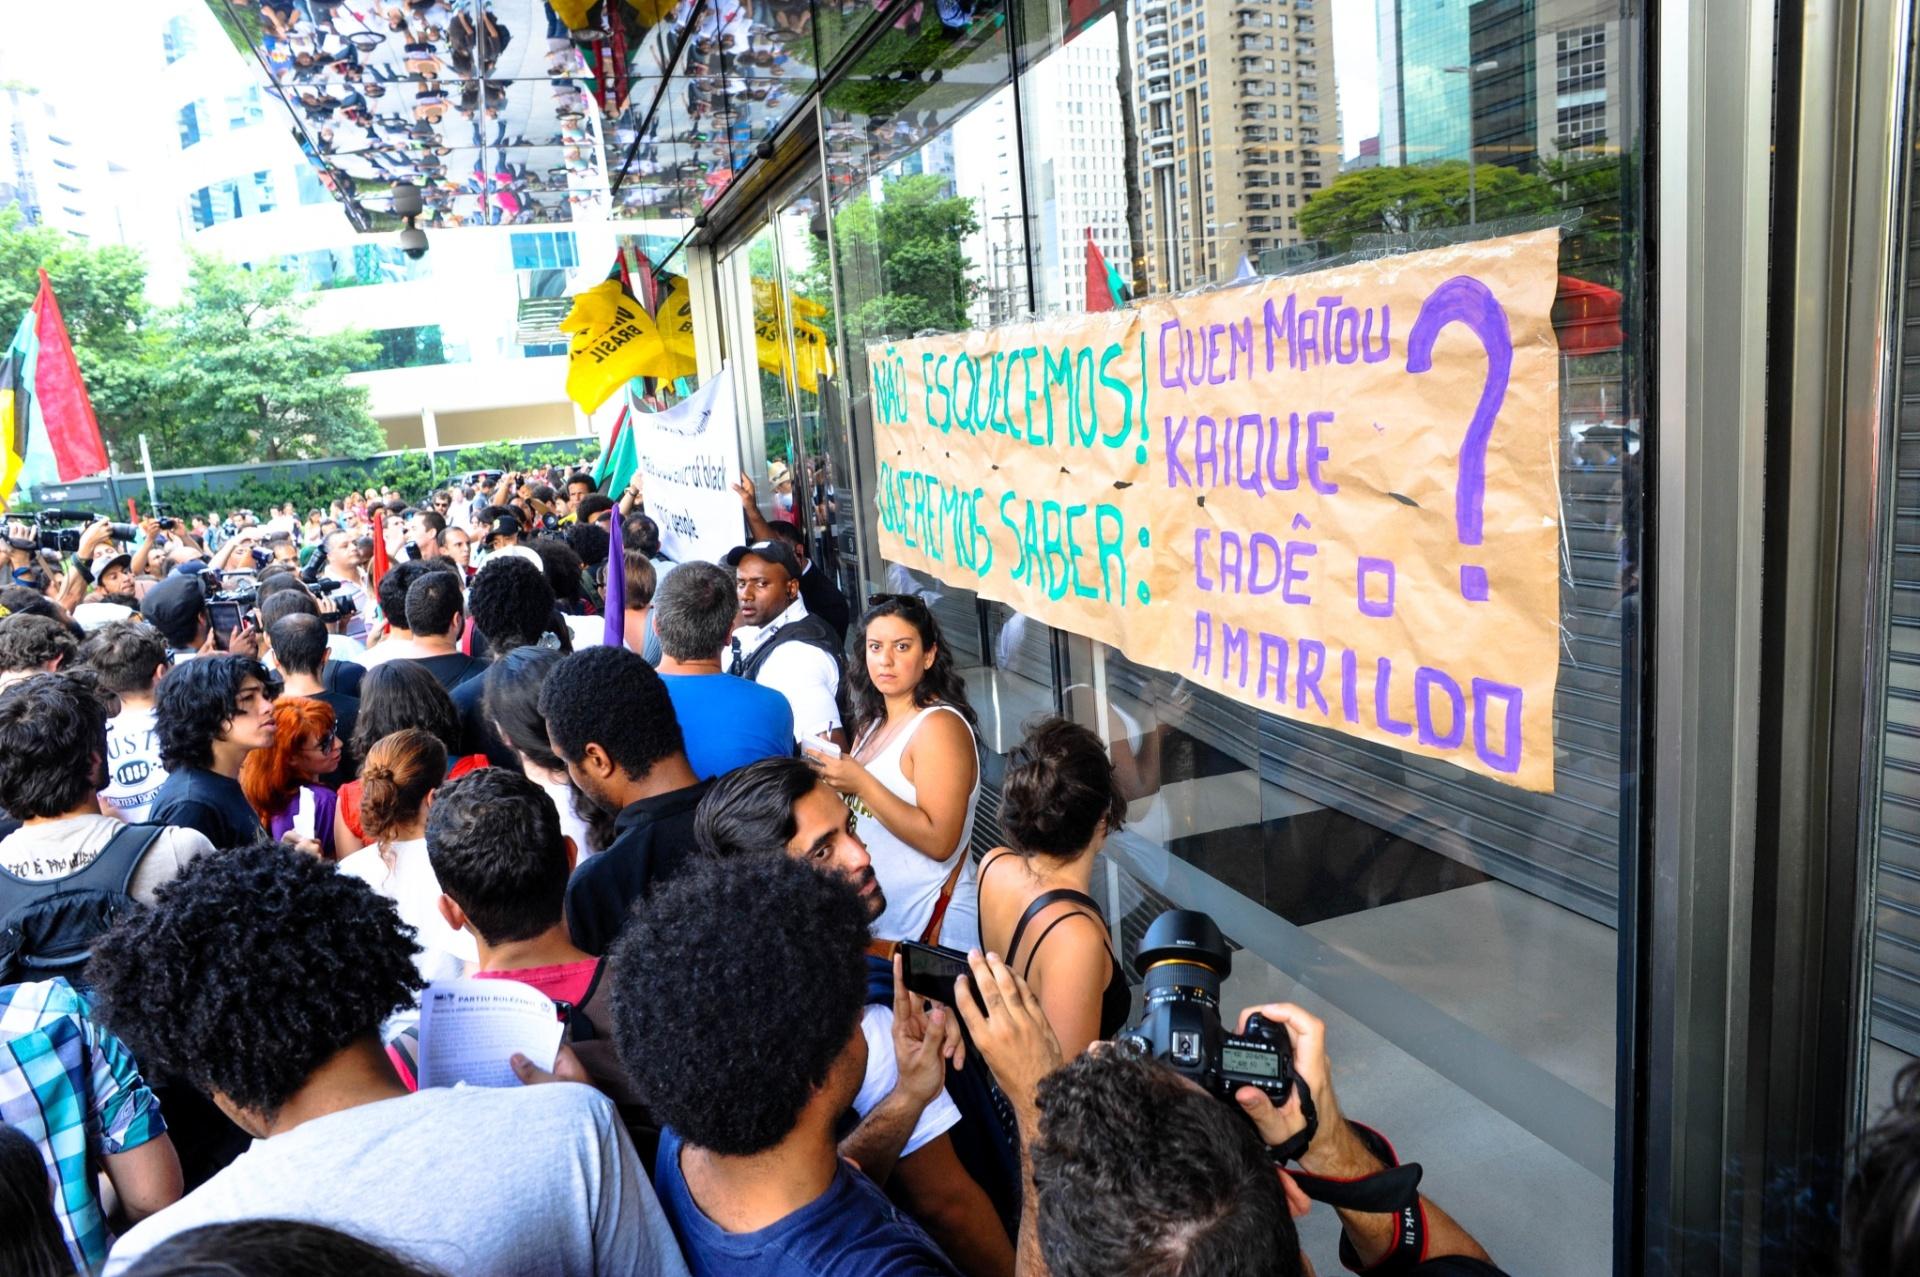 18.jan.2014 - Integrantes de movimentos sociais protestam em frente ao Shopping JK Iguatemi, no Itaim Bibi, na zona oeste de São Paulo, neste sábado (18), em evento intitulado